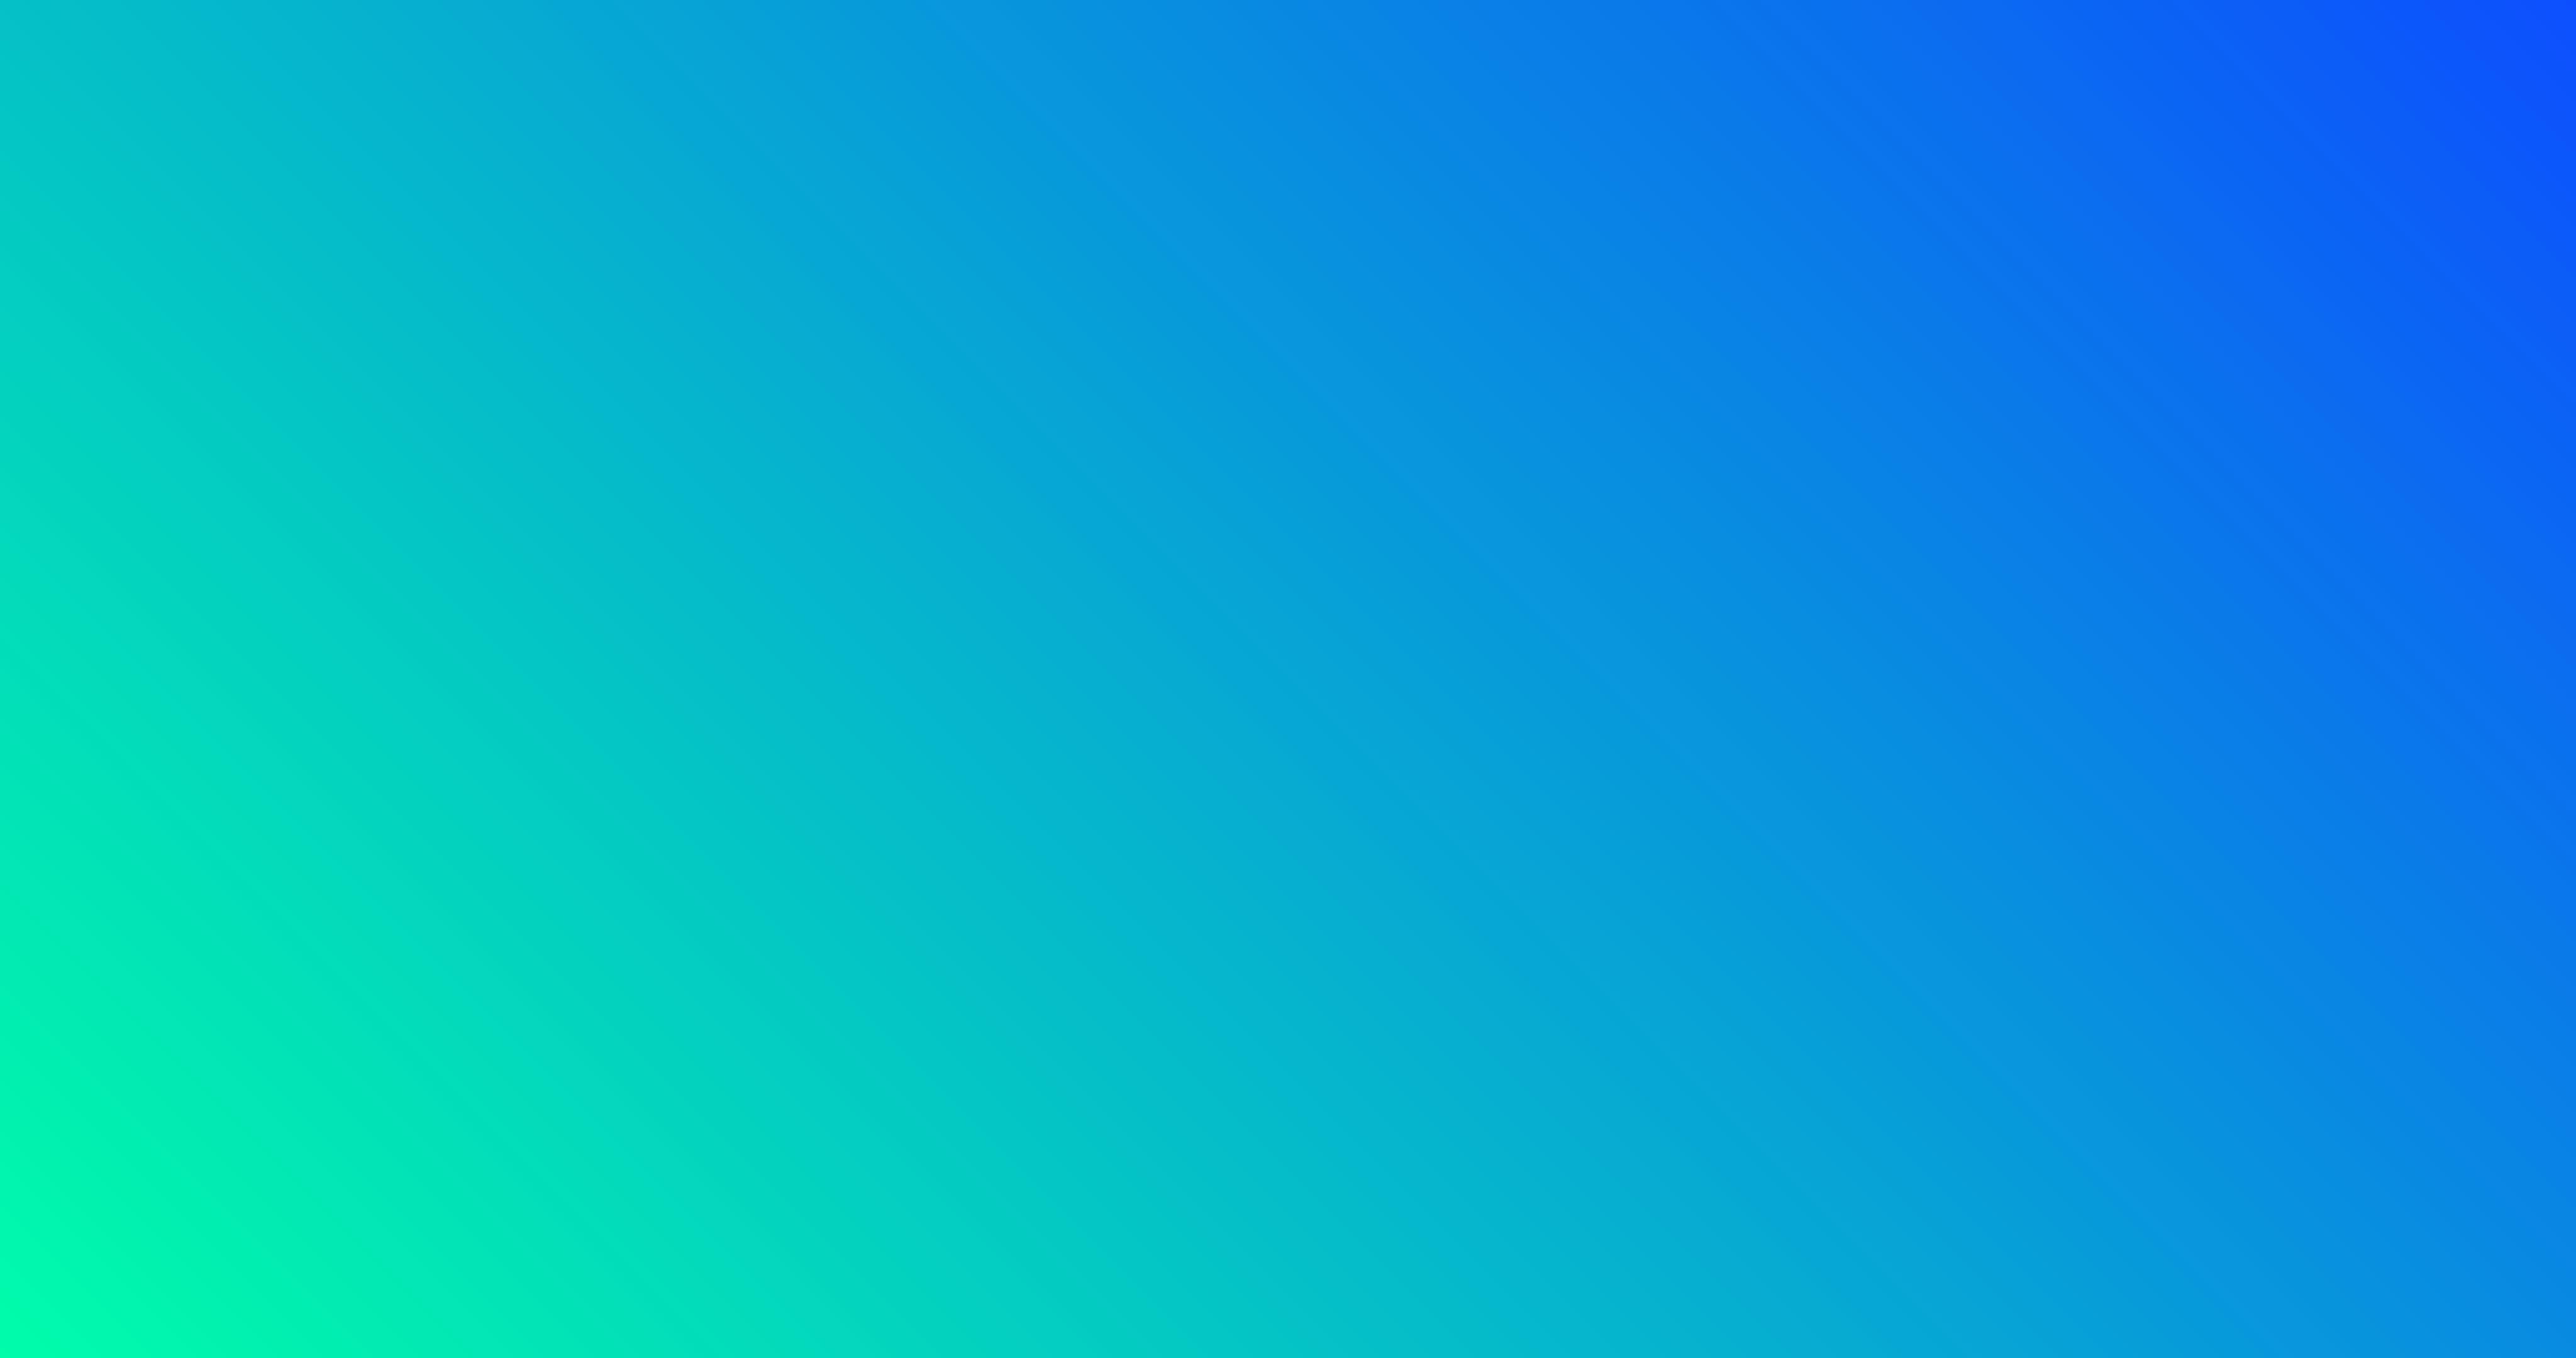 Wandfarben Hintergrund_Gradient.png